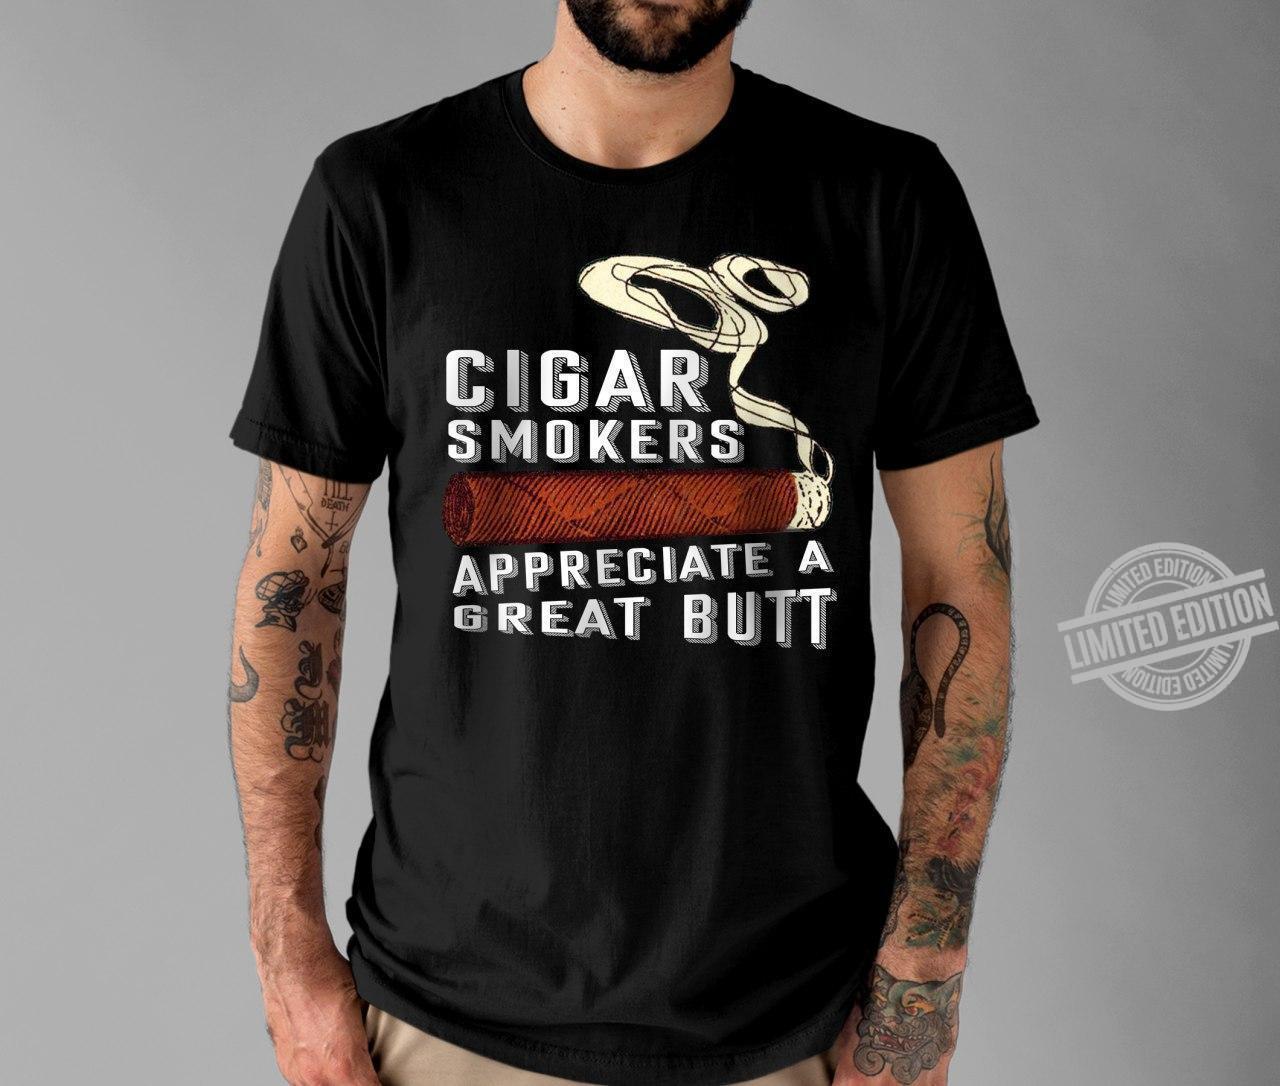 Cigar Smokers Appreciate A Great Butt Shirt